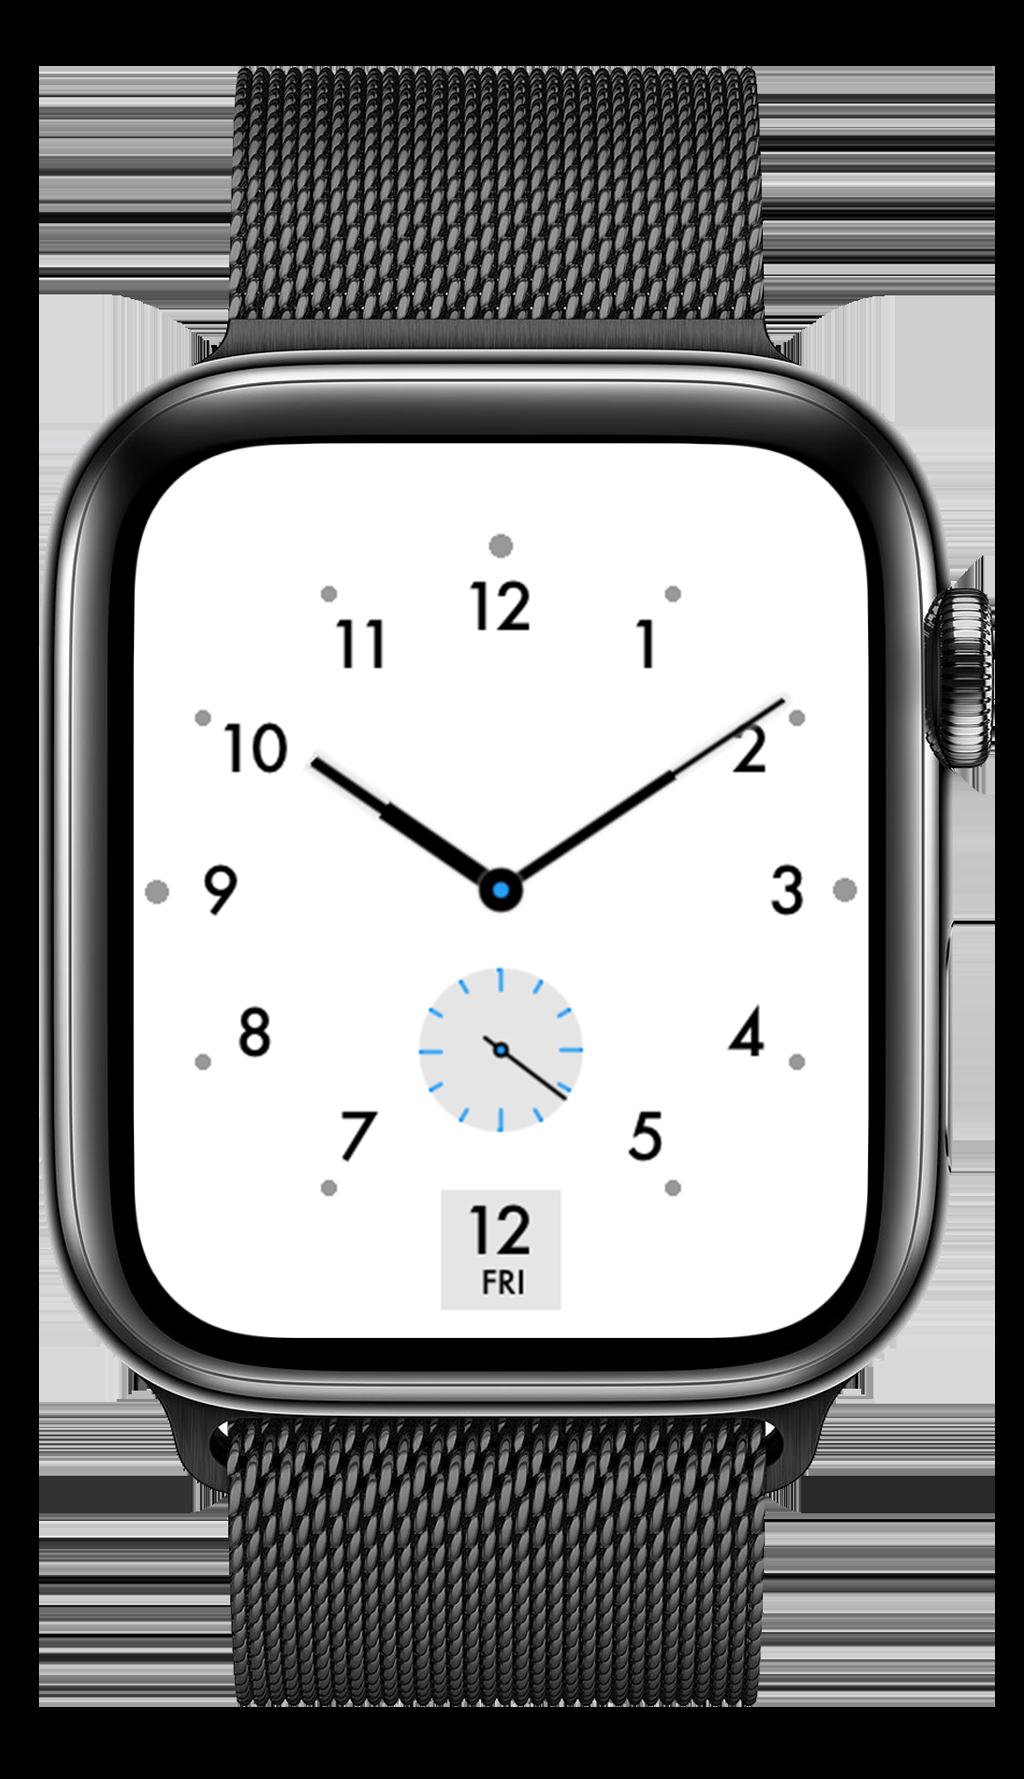 Exploring Custom watchOS Watch Faces - David Smith